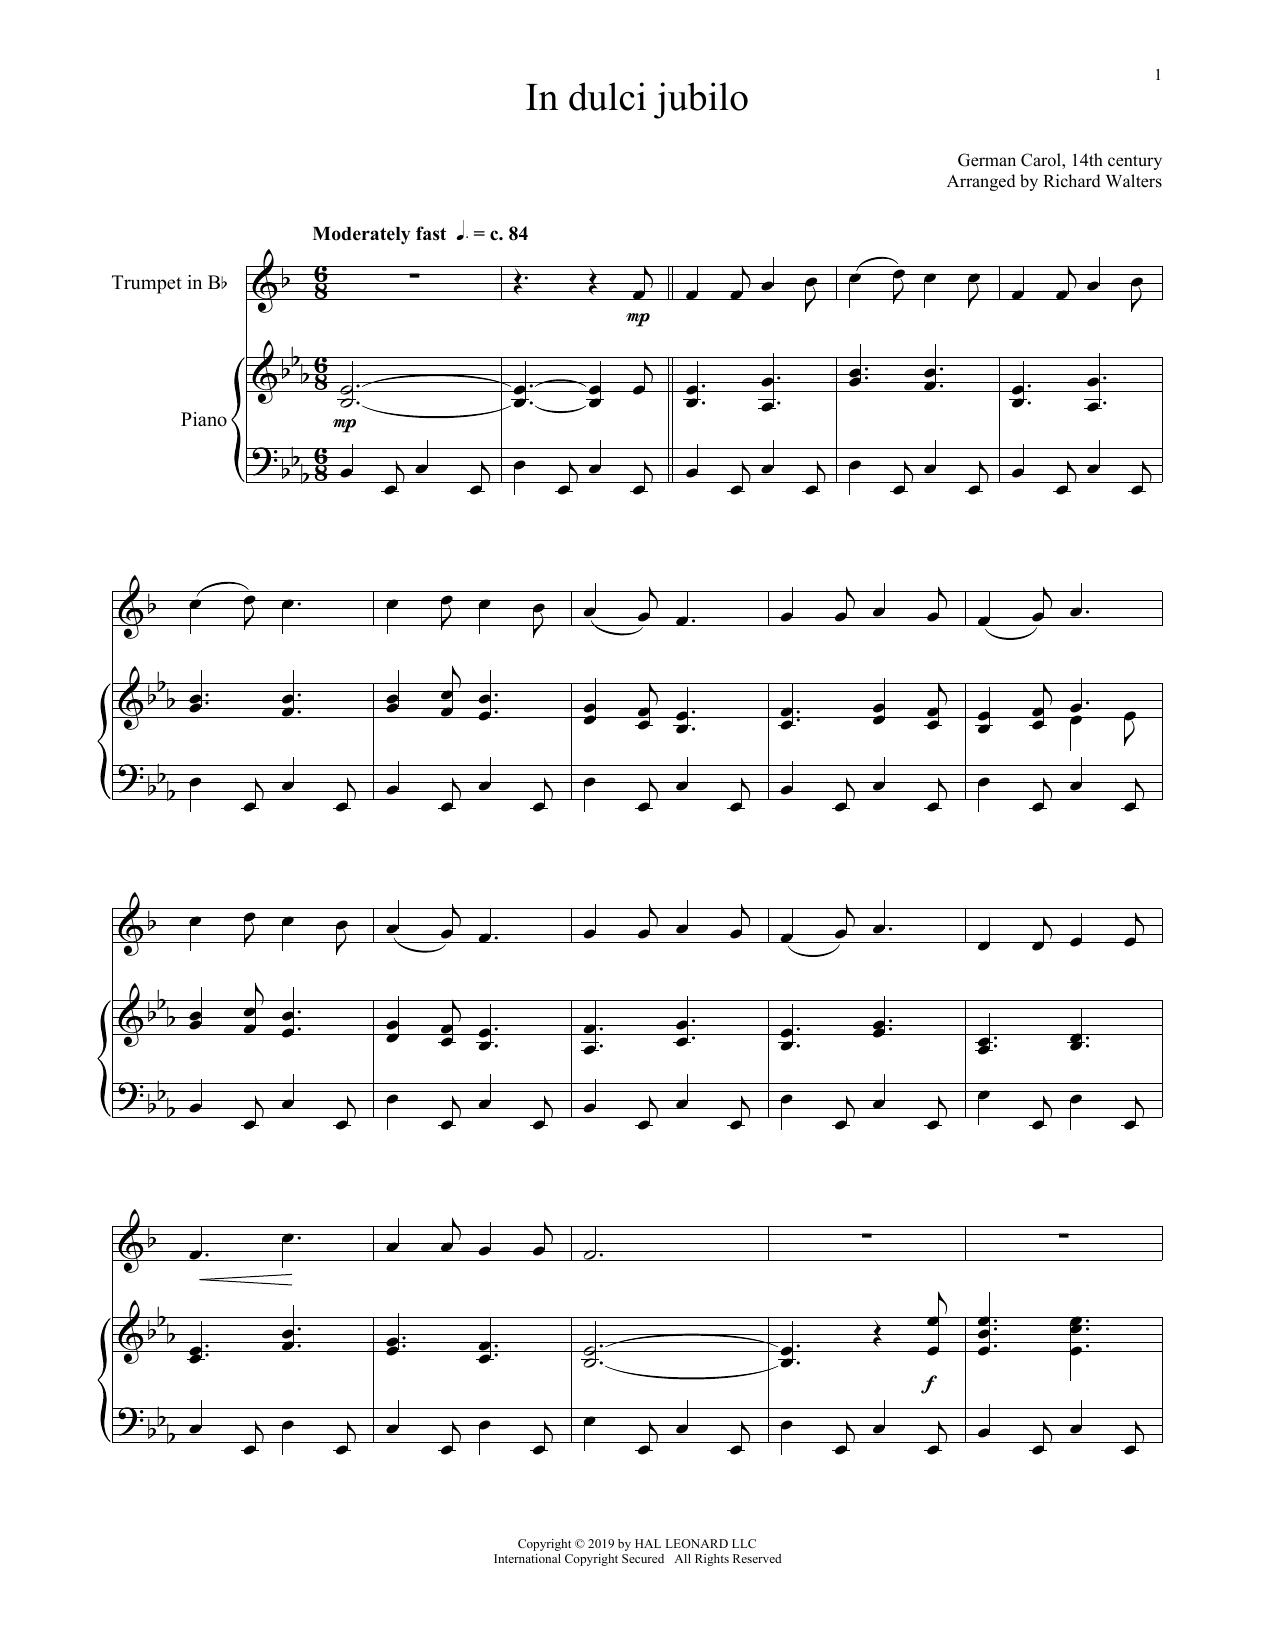 In Dulci Jubilo (Trumpet and Piano)